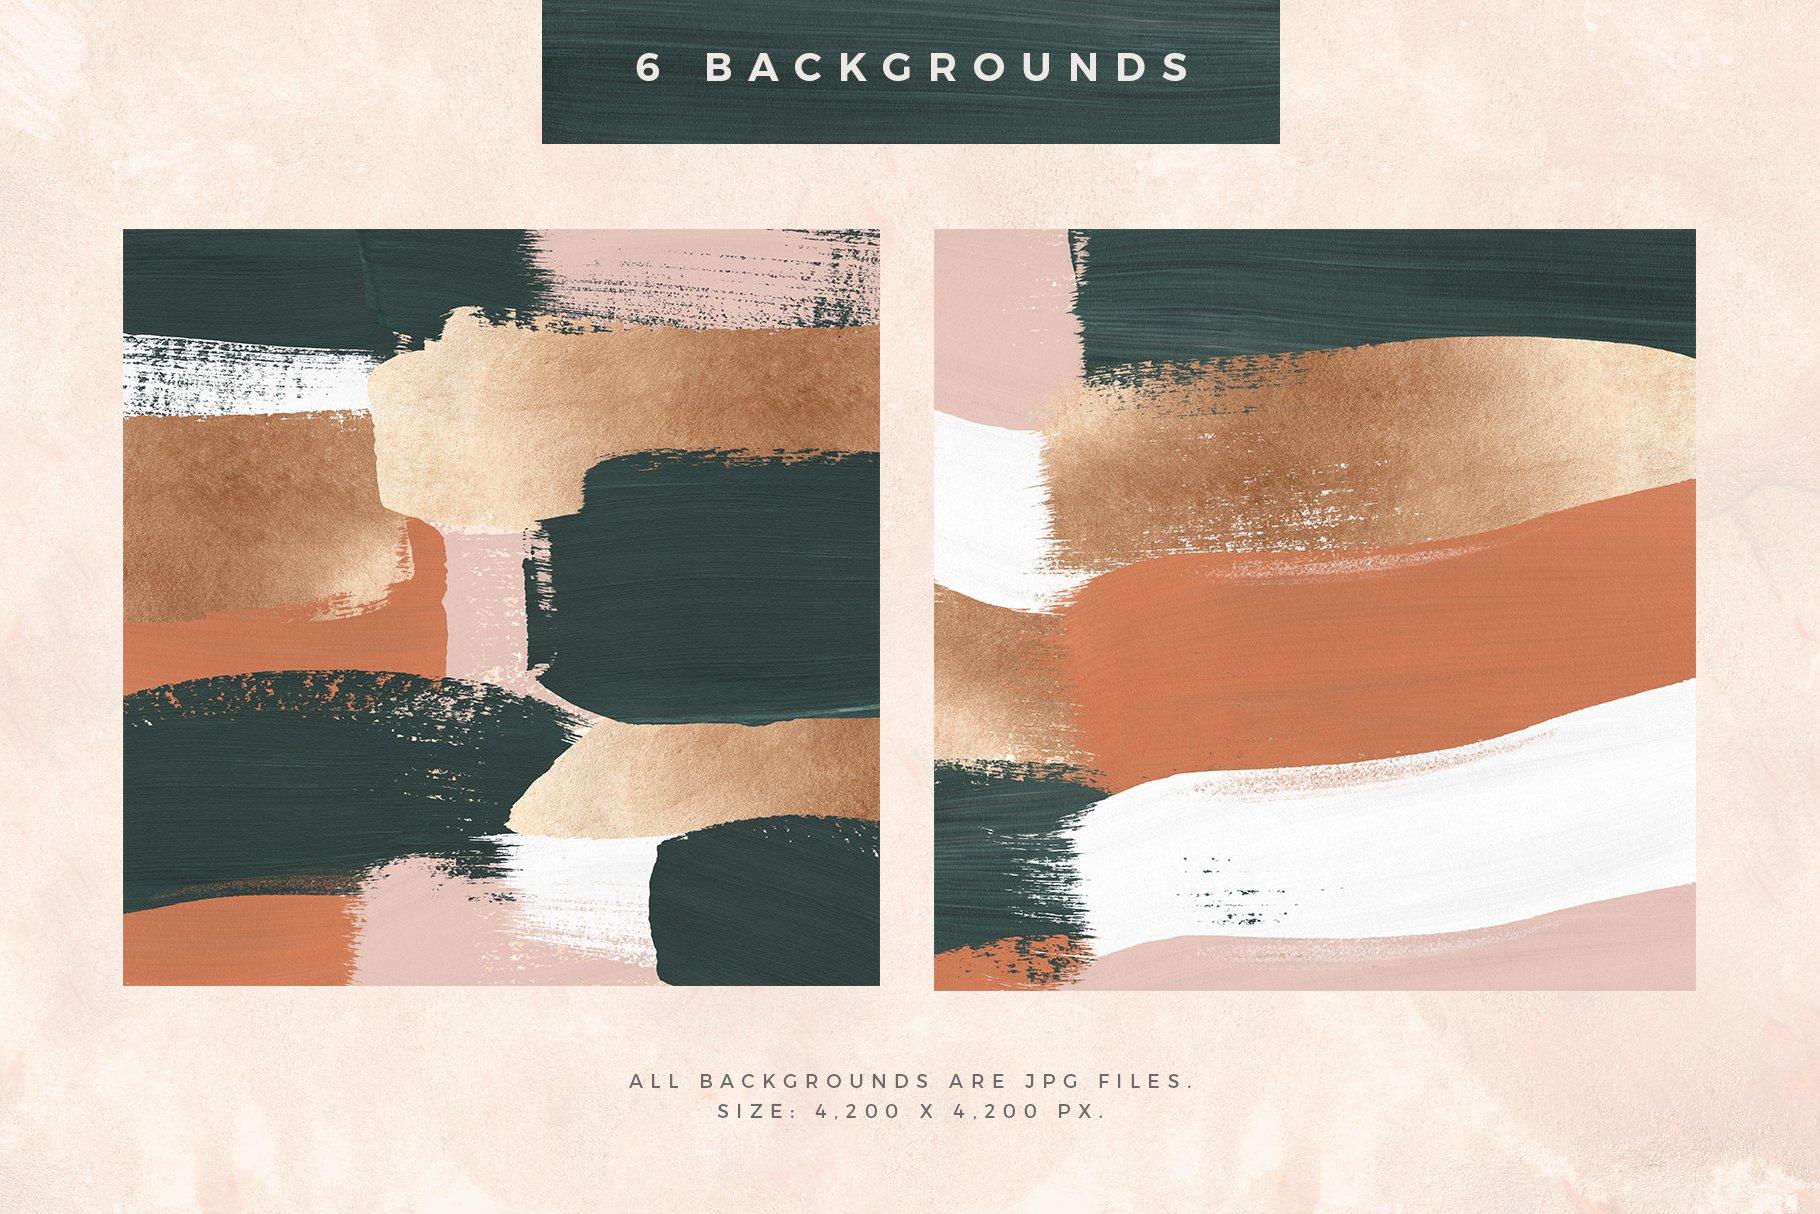 [淘宝购买] 时尚优雅抽象多彩丙烯酸颜料笔刷肌理背景PNG图片素材 Painterly Shapes & Backgrounds插图(3)